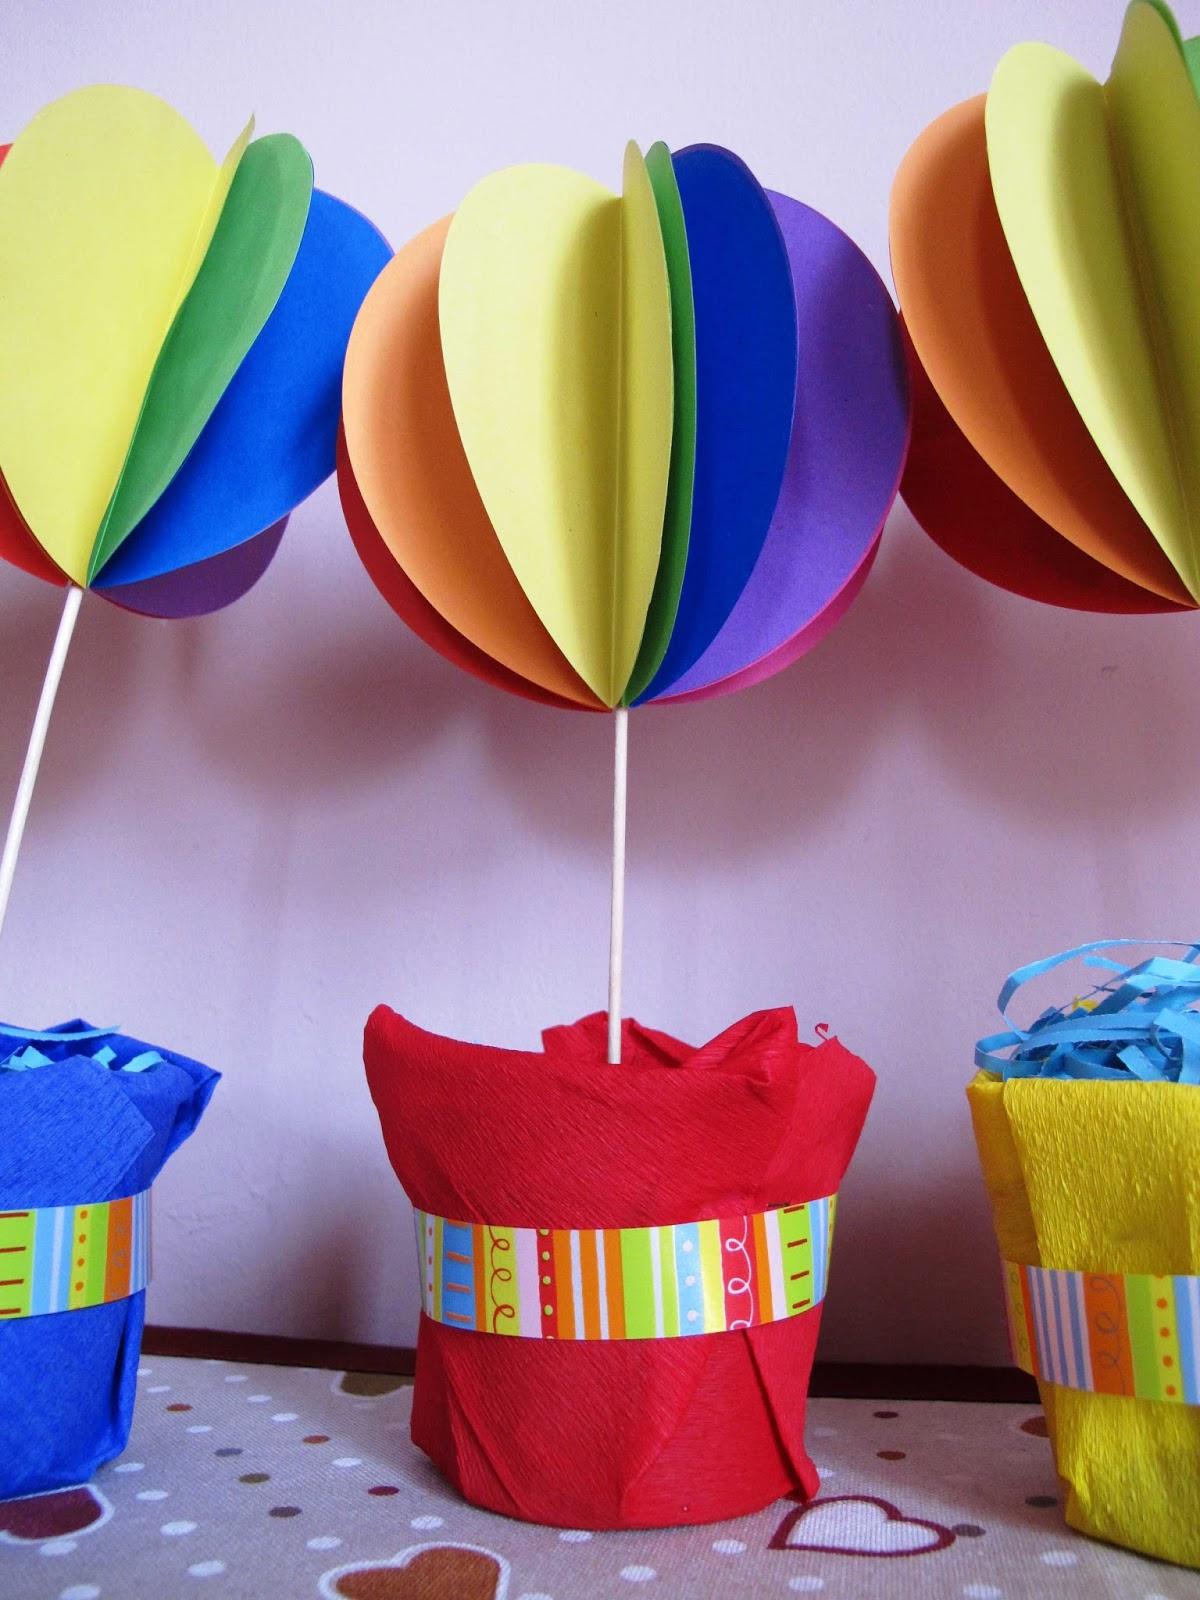 Angolino di liana decorazioni battesimo fai da te alberi di carta - Decorazioni carta fai da te ...